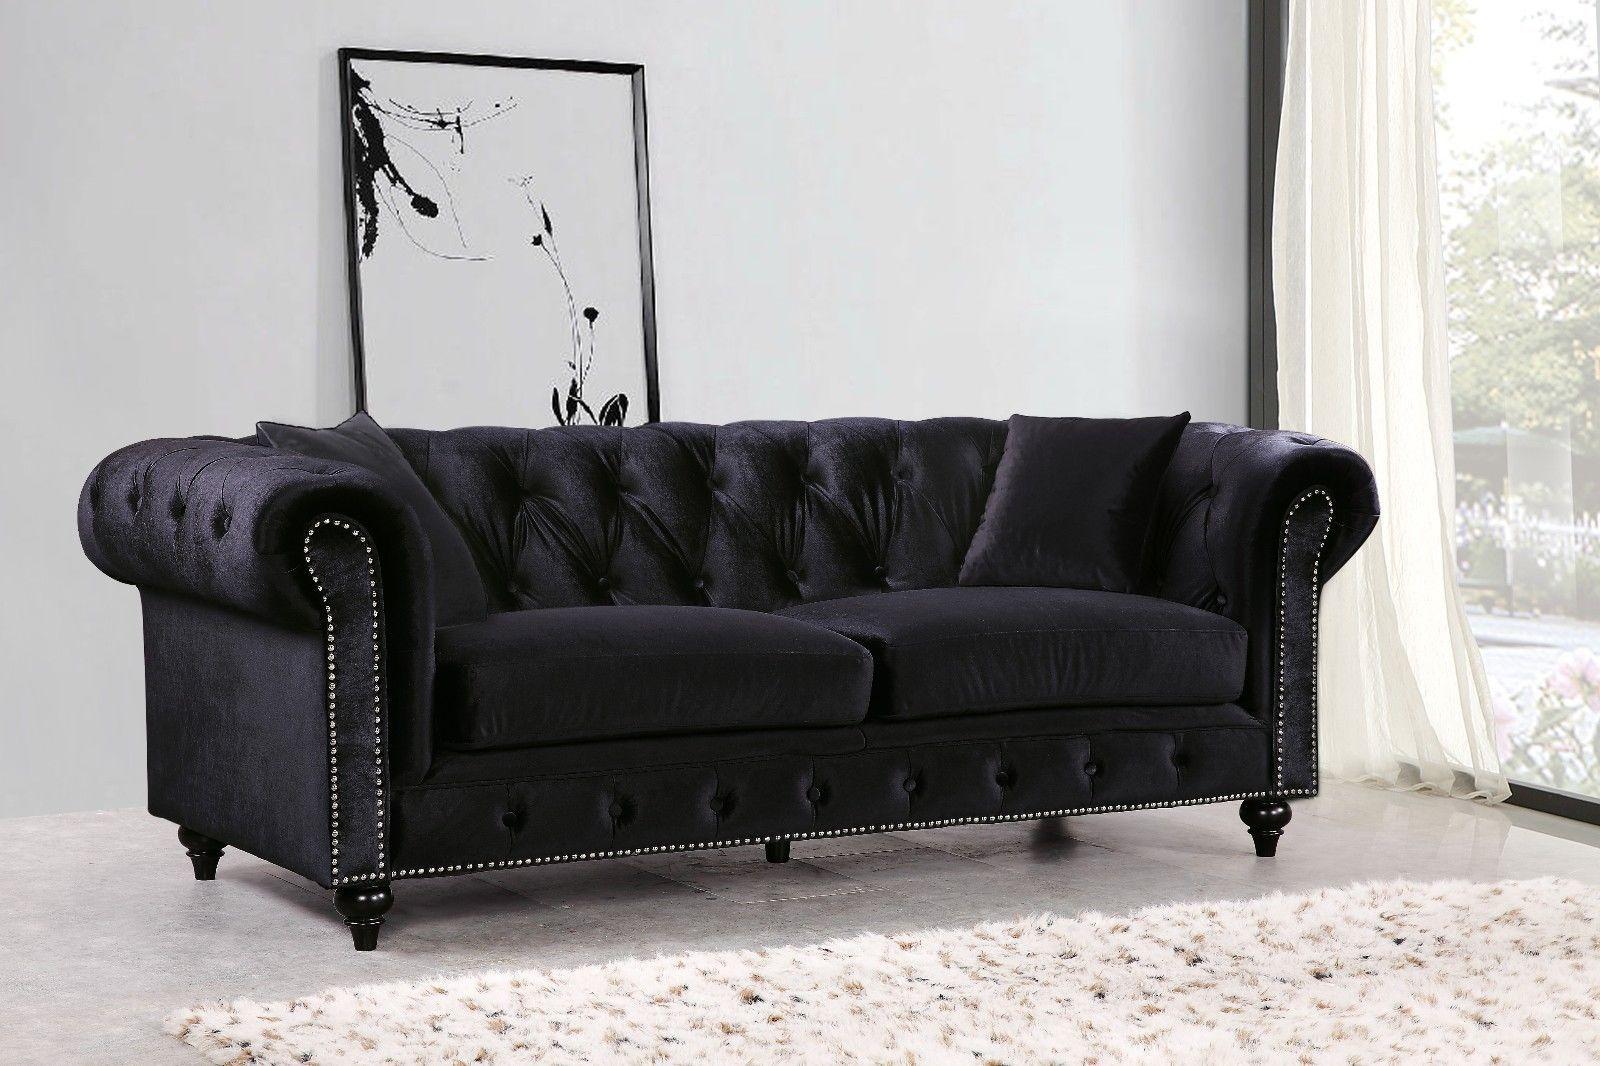 Meridian 662 Velvet Living Room Sofa Set 2pc. Tufted Black Traditional Style